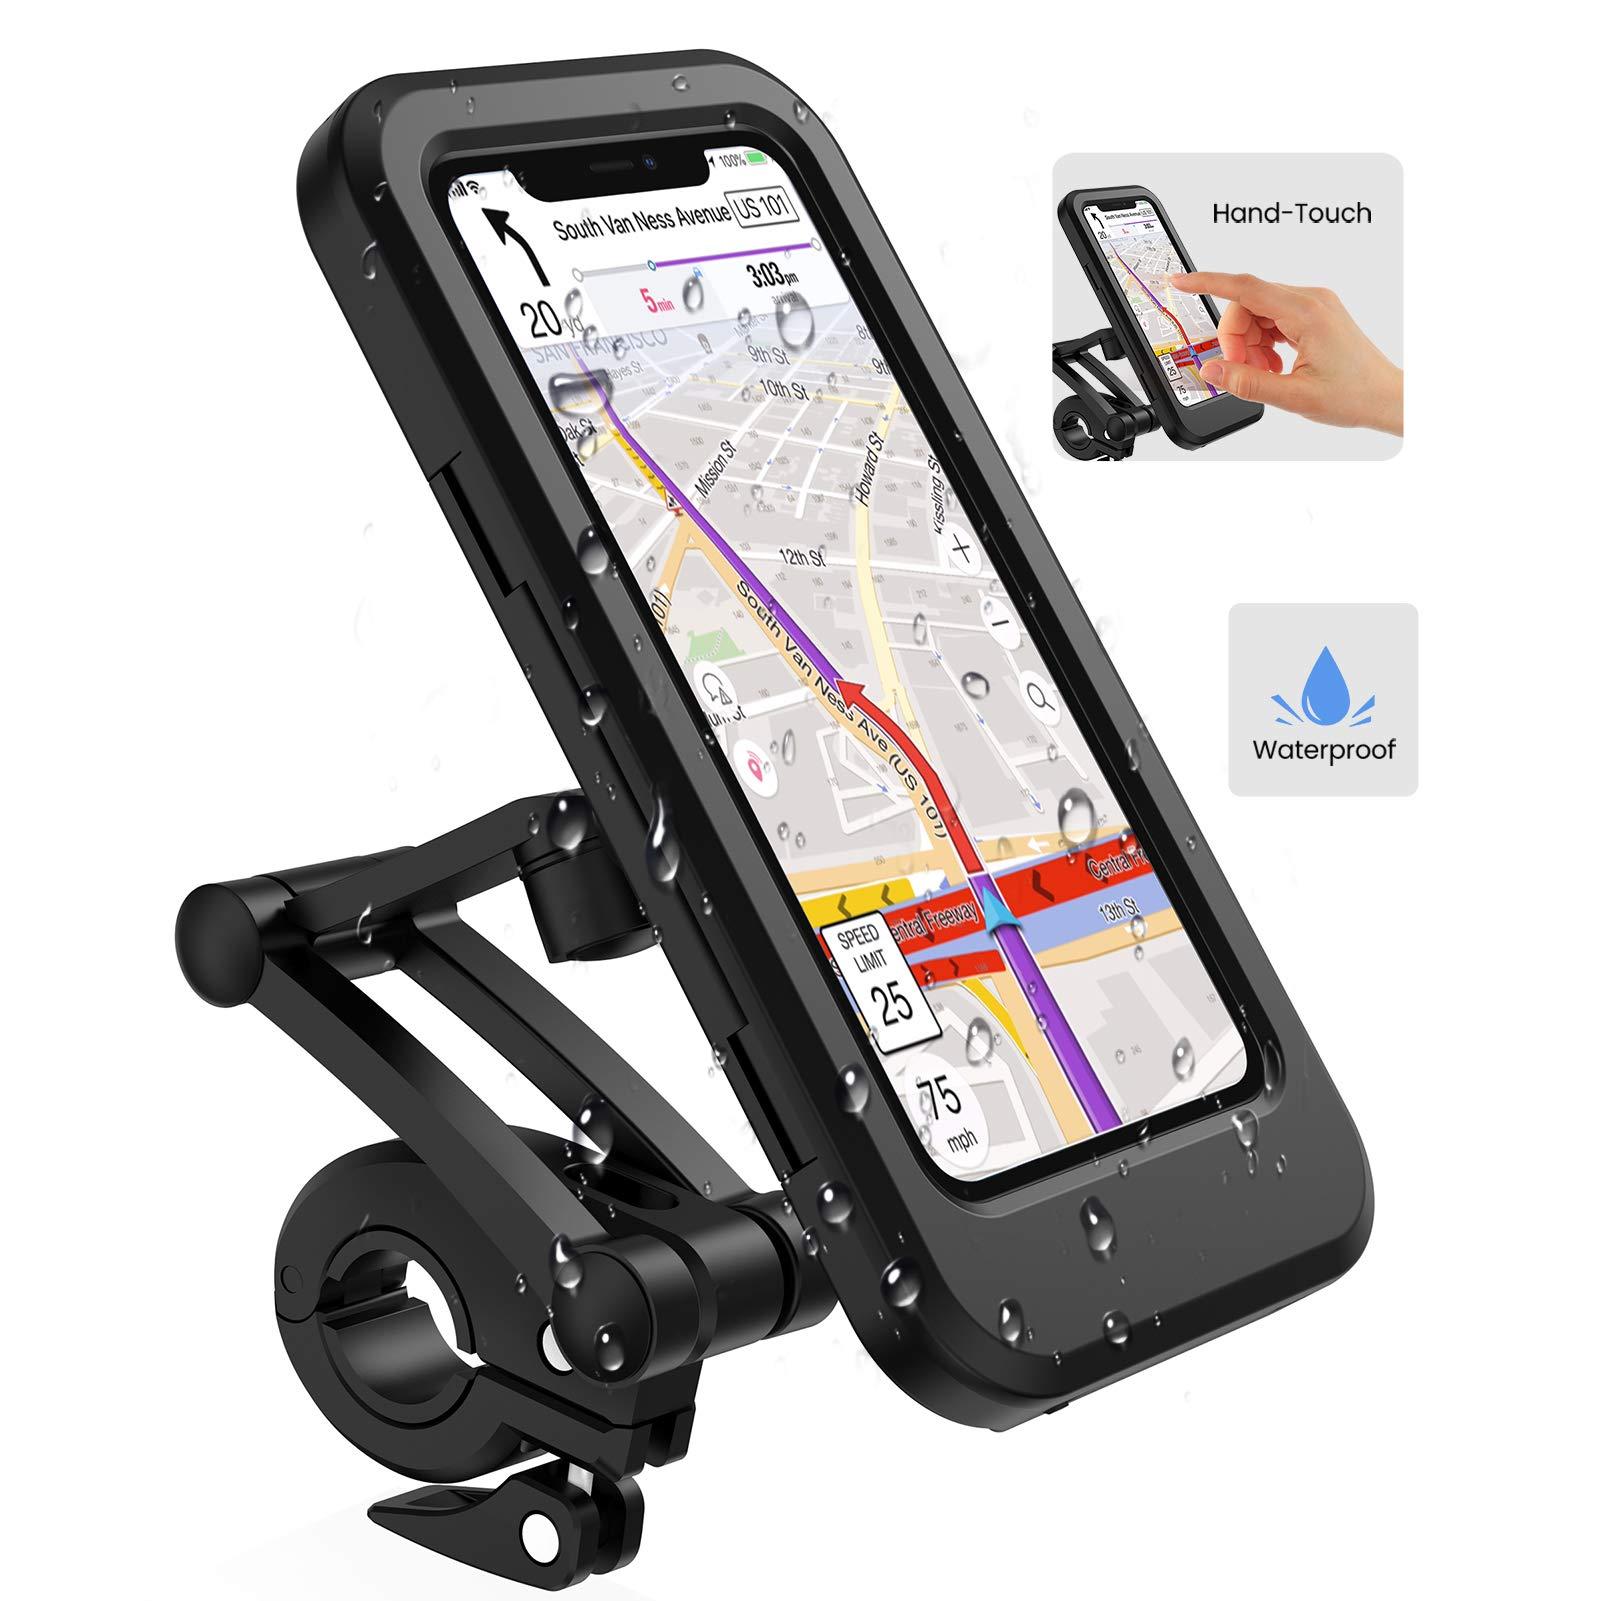 Soporte de teléfono móvil para bicicleta, soporte de smartphone impermeable con pantalla táctil, giratorio 360°, altura ajustable para iPhone Samsung Galaxy Huawei a 6,7 pulgadas, Motocicleta, Negro: Amazon.es: Electrónica